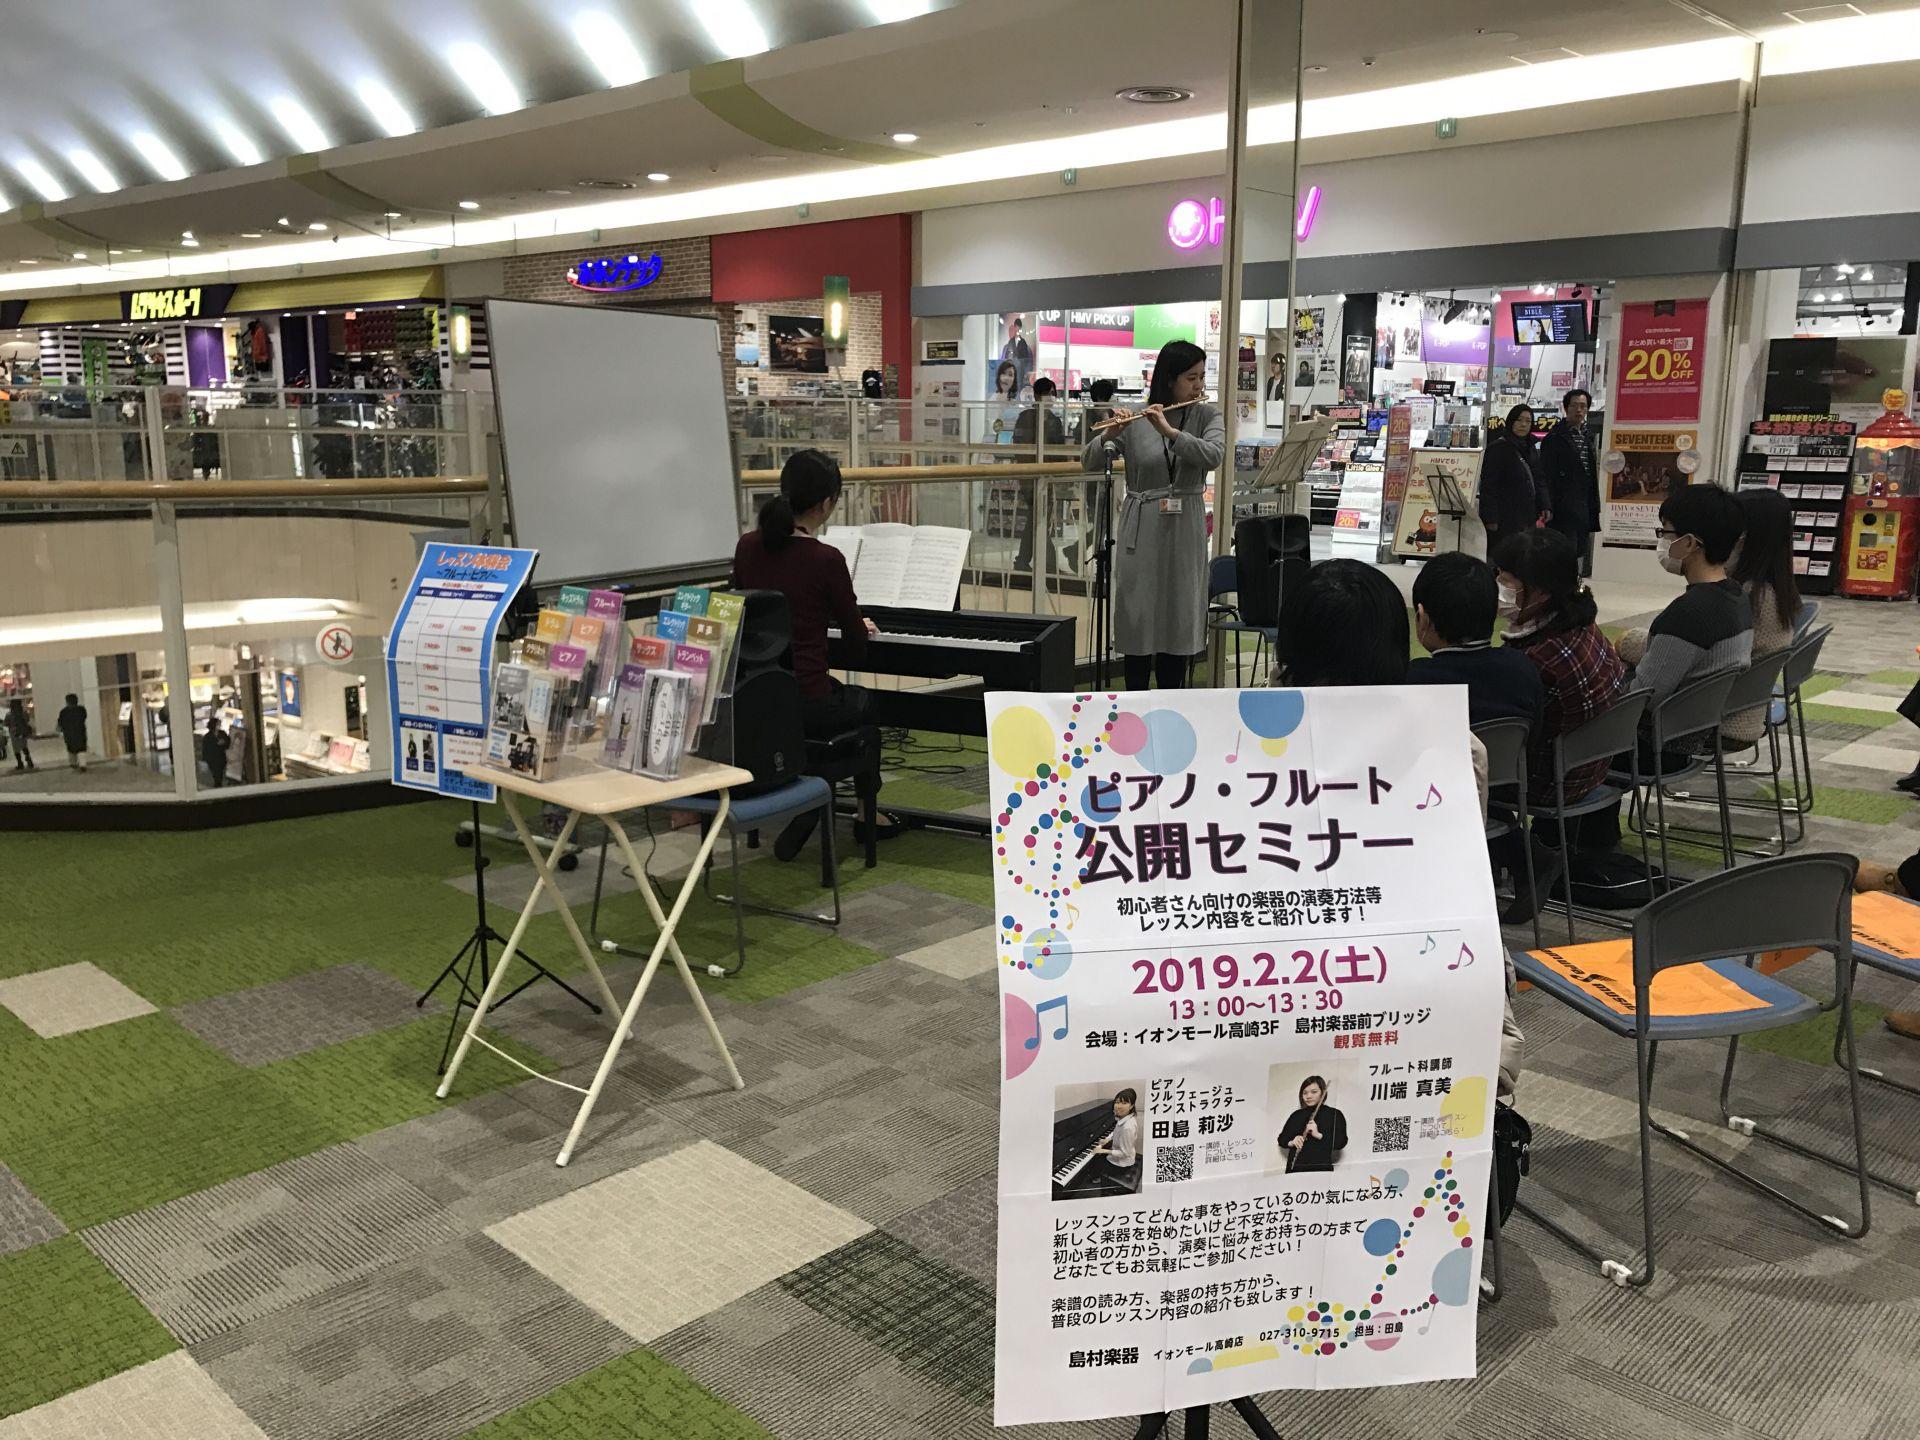 公開セミナー 演奏 高崎店